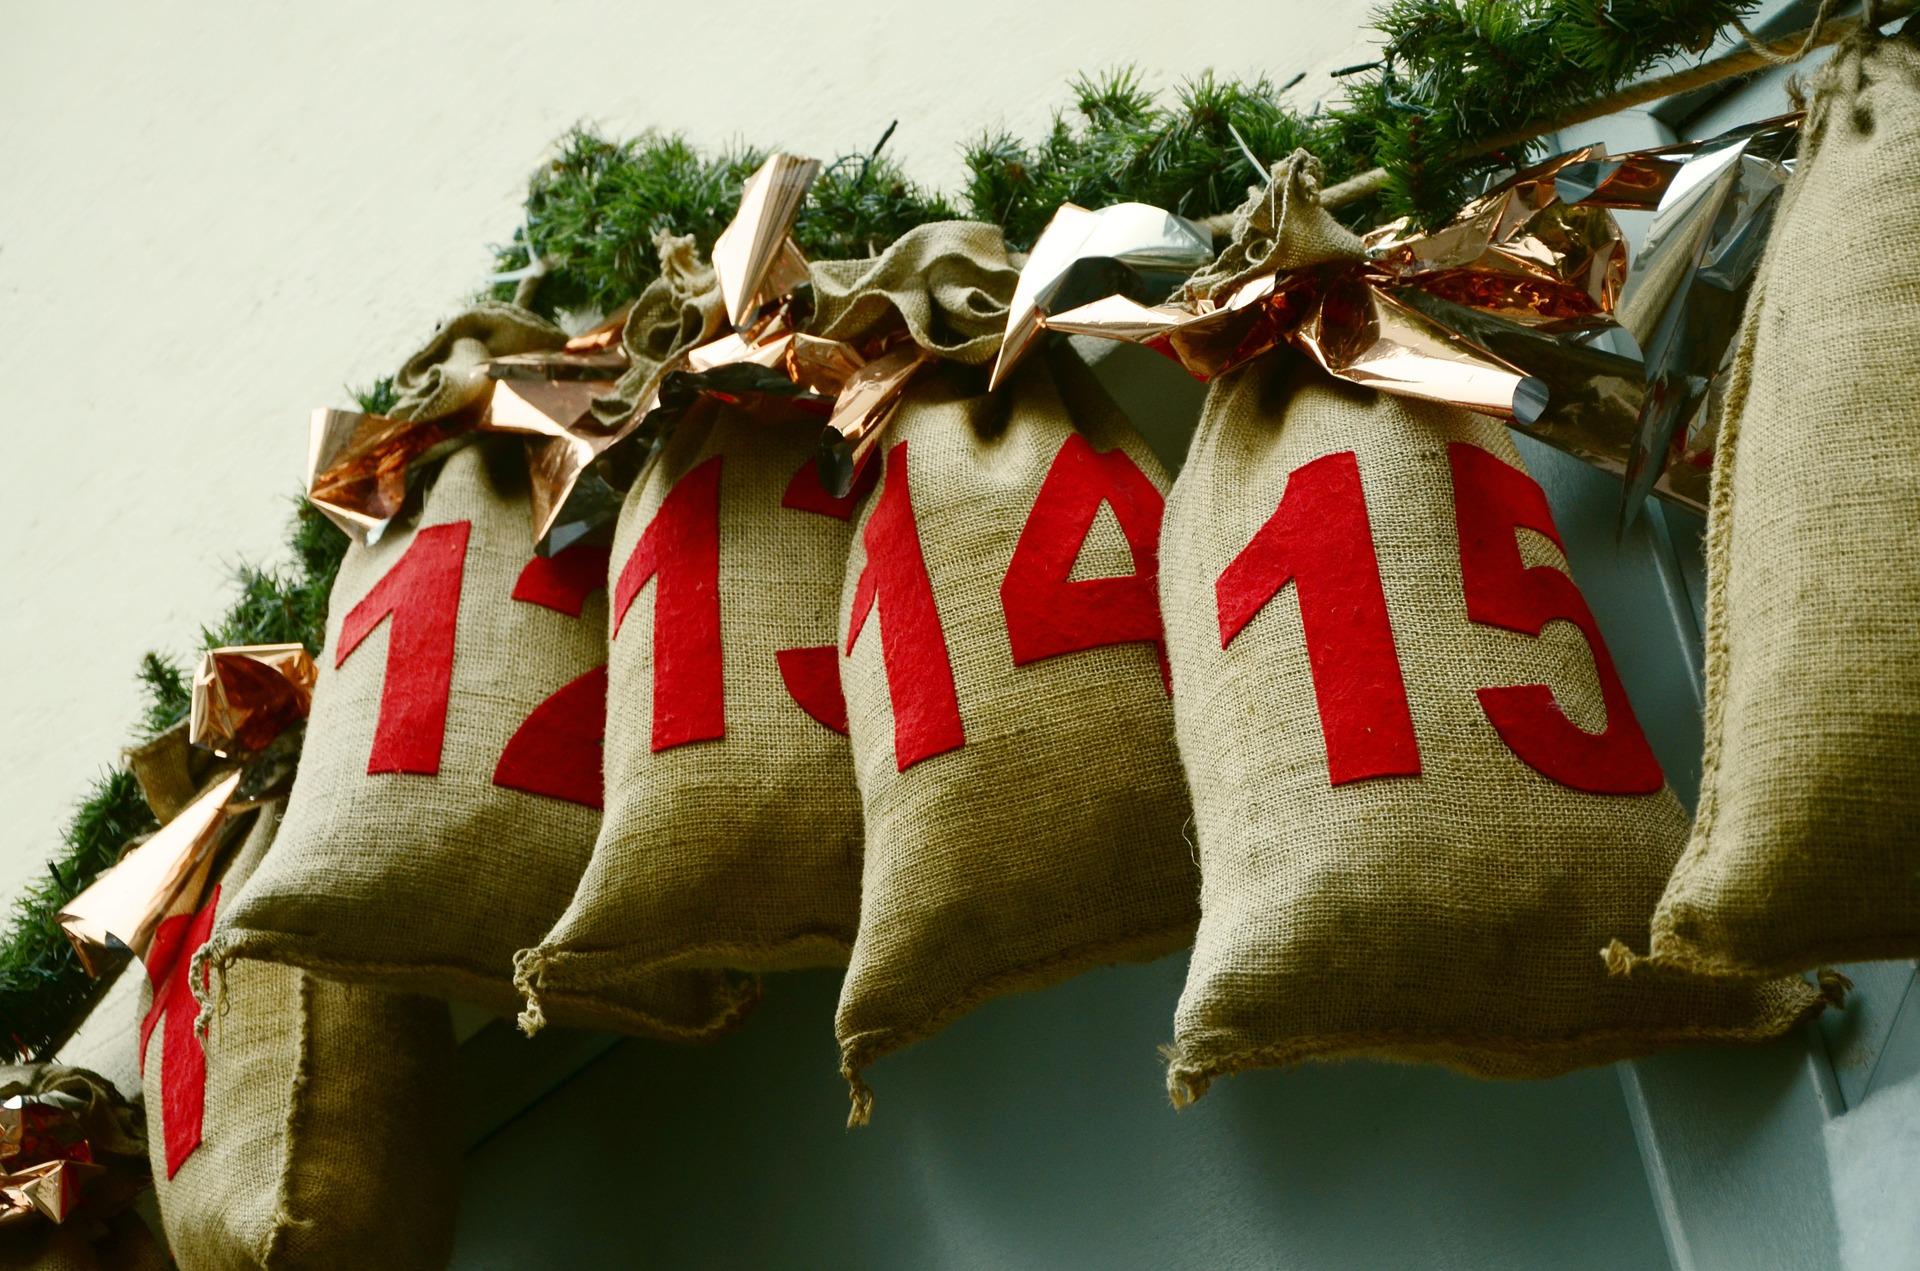 brune poser med pakkekalender på gransnor